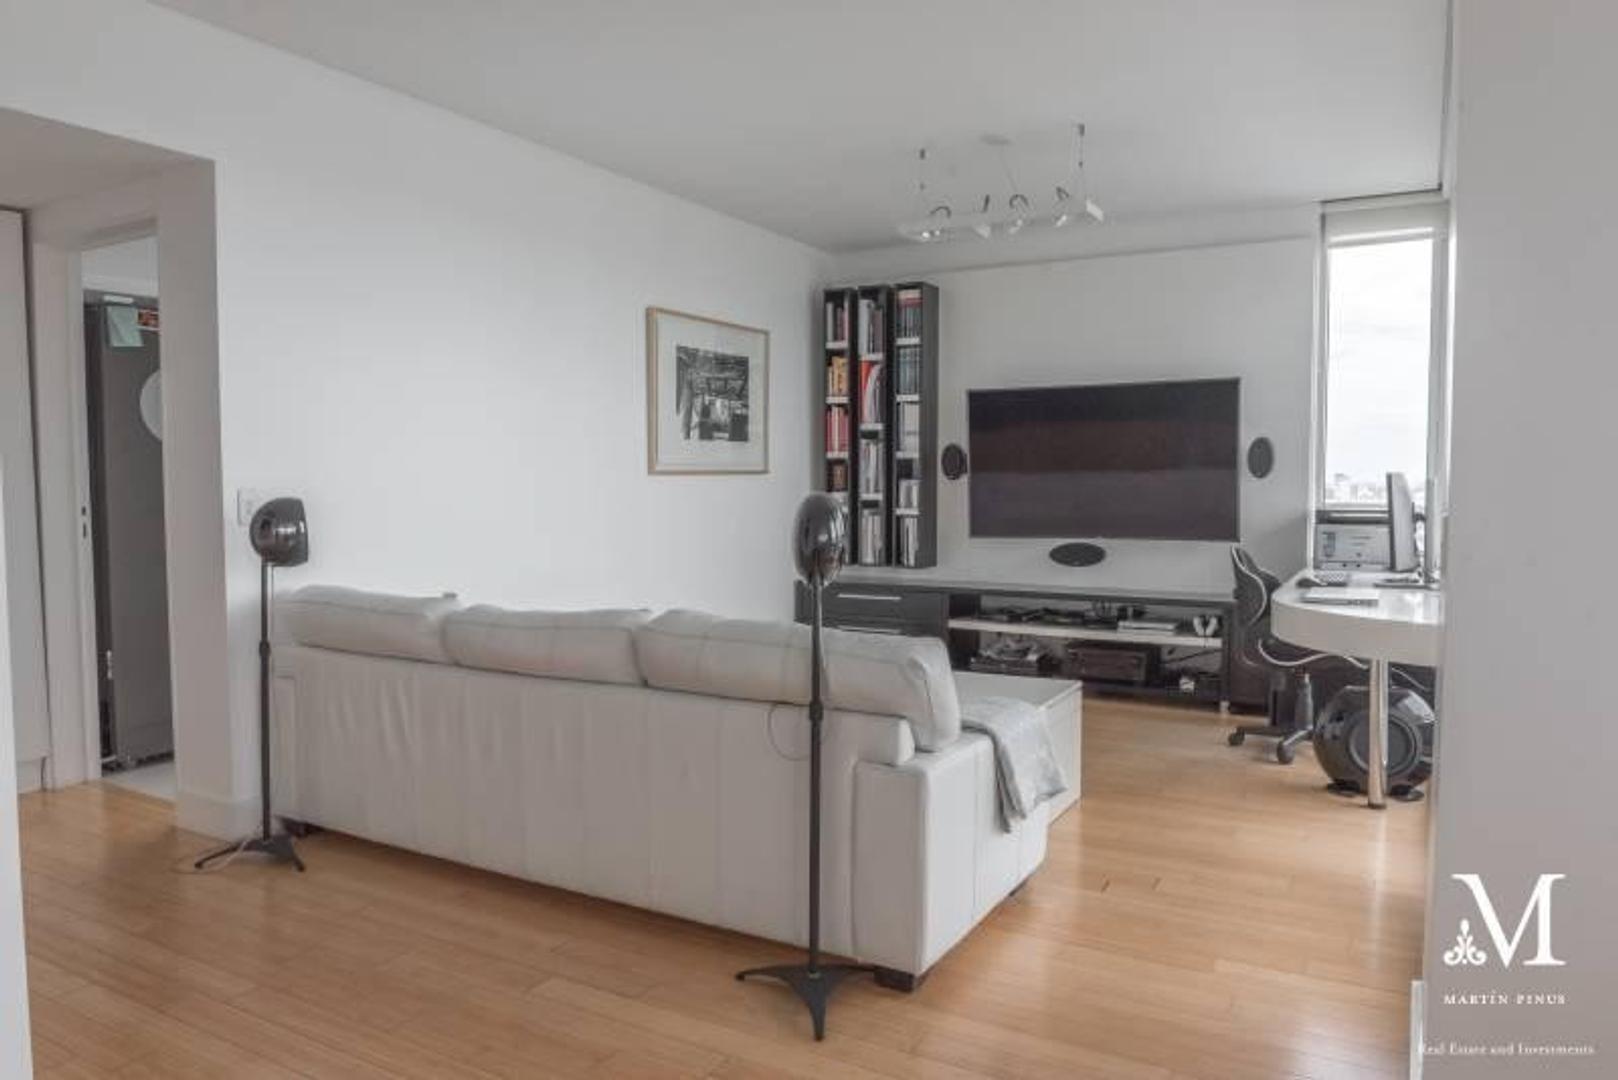 Departamento - 87 m² | 2 dormitorios | A Estrenar